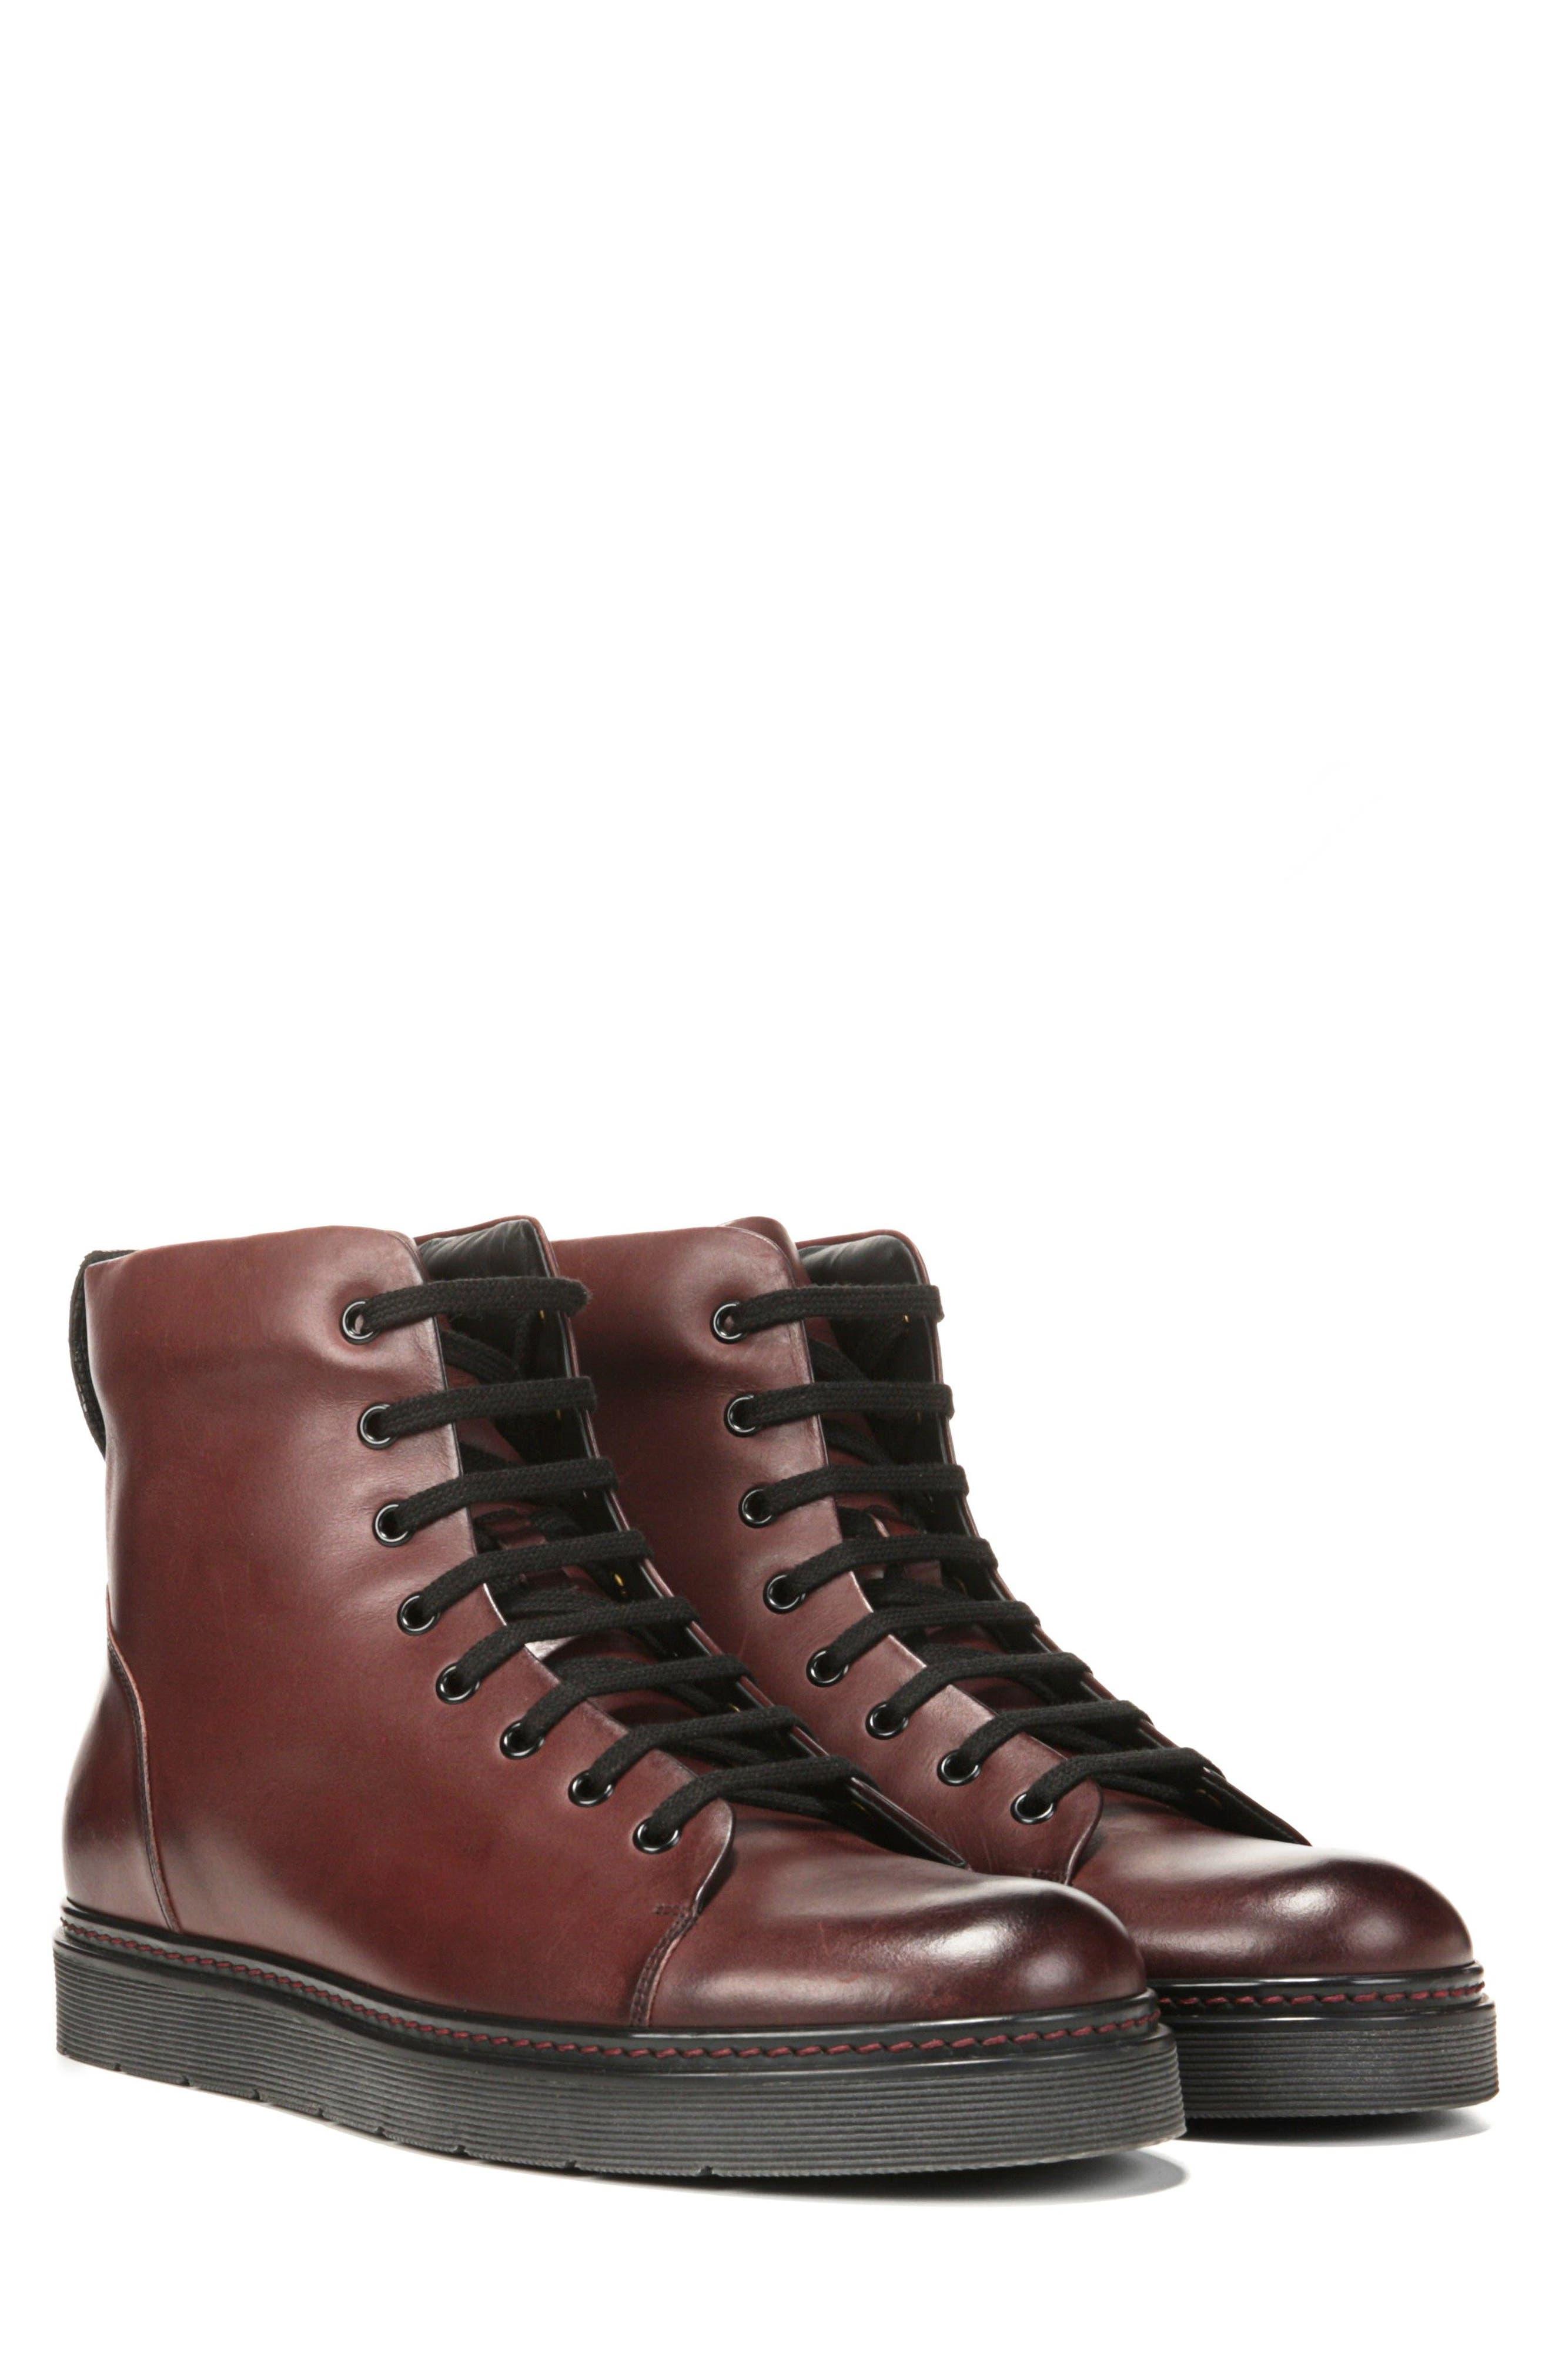 Malone Plain Toe Boot,                             Alternate thumbnail 13, color,